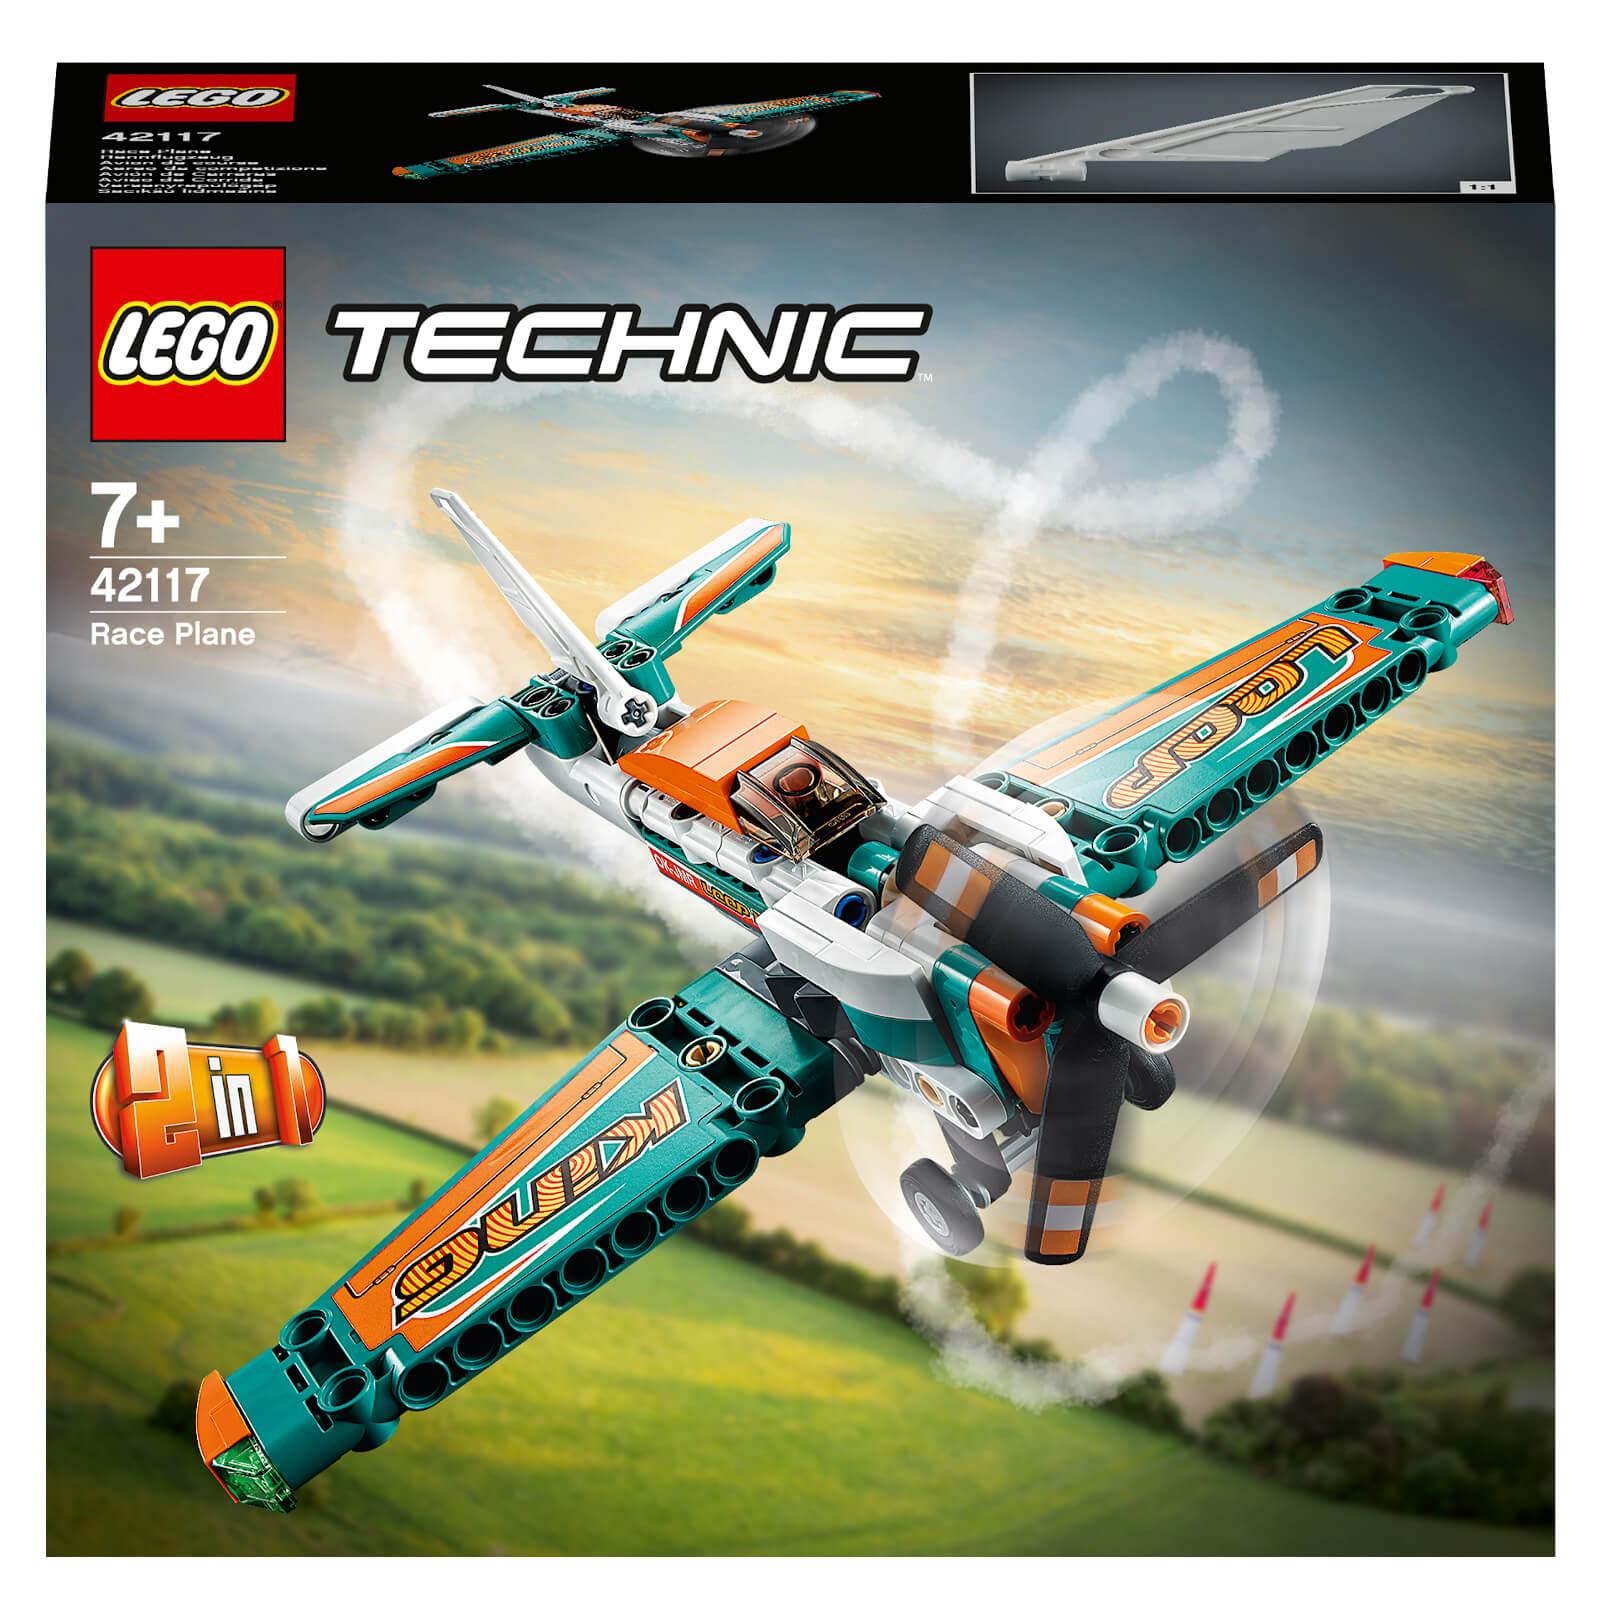 Image of LEGO Technic Race Plane - 42117